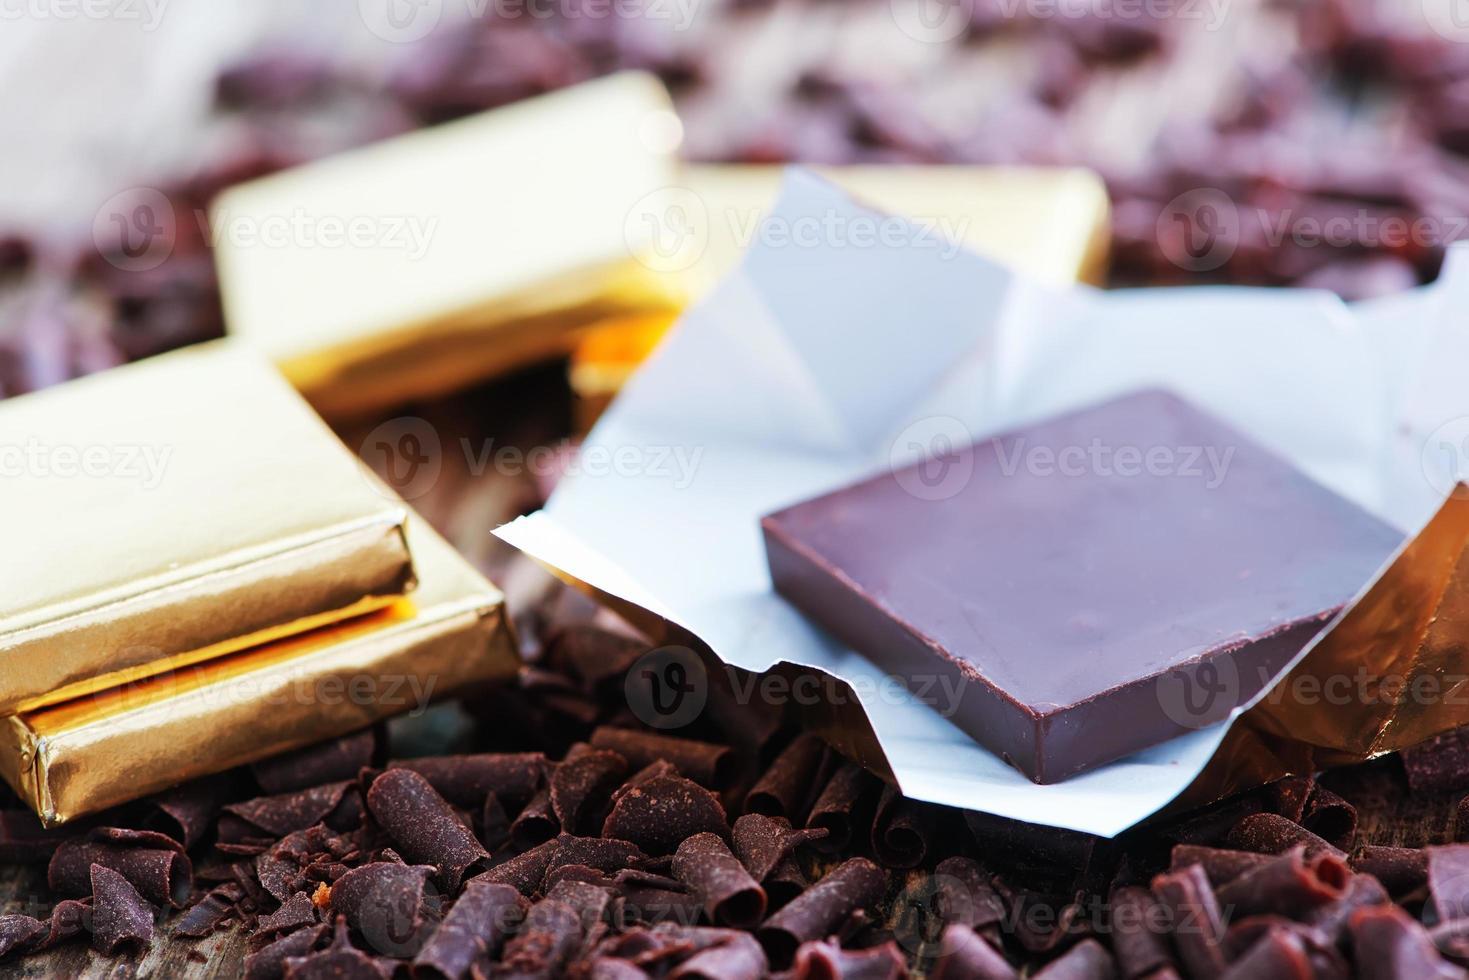 bonbons au chocolat photo